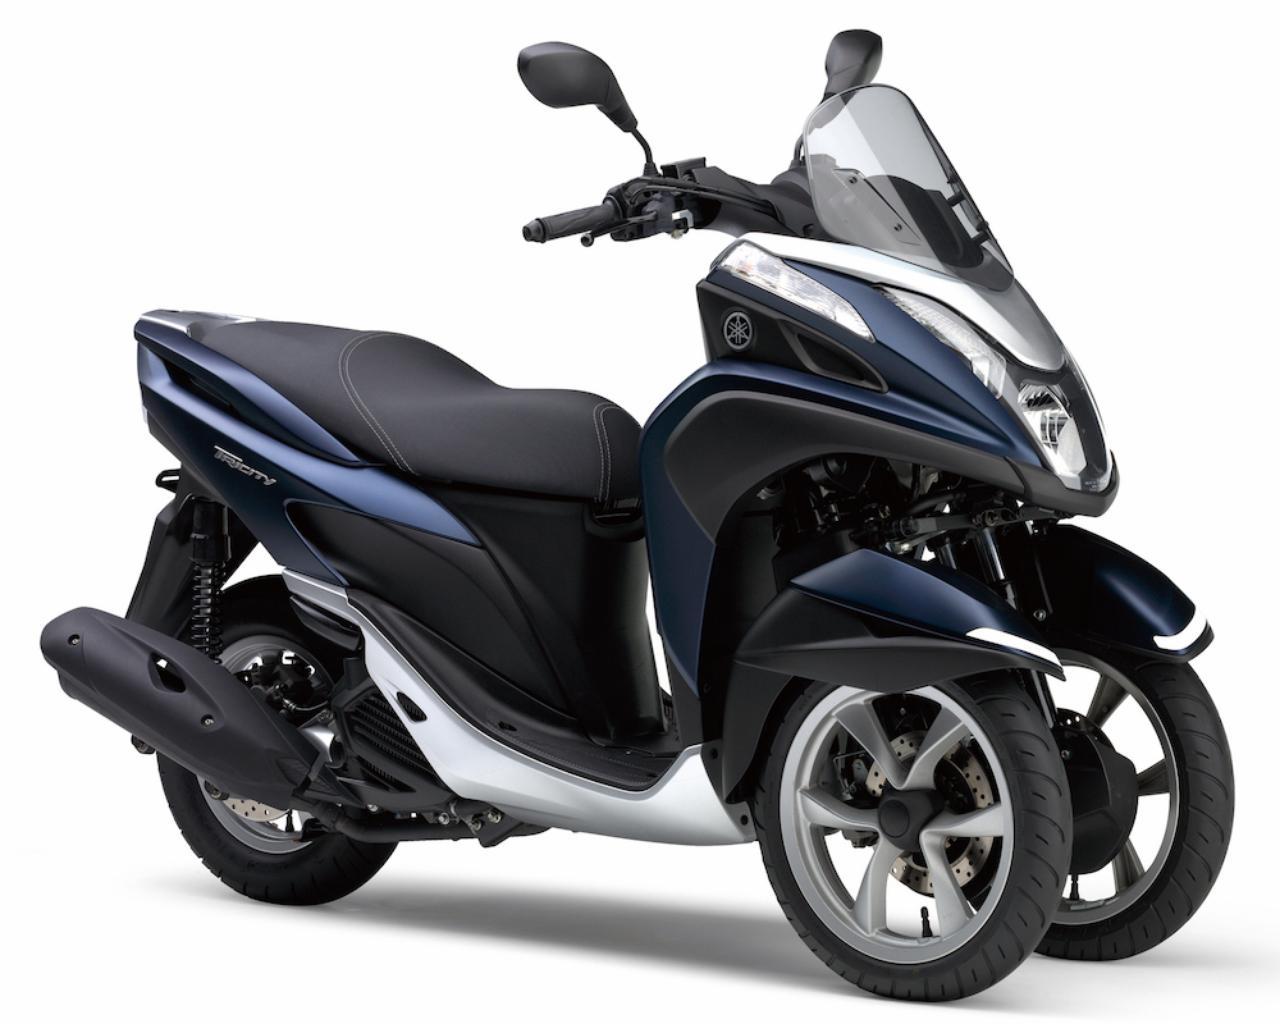 画像: Y050 YAMAHA TRICITY125/ABS ■価格:35万6400円/39万9600円(ABS) ヤマハ独自のLMW機構によって、2輪以上の安定感と2輪と変わらない運動性を実現する3輪スクーター。活発な動力性能と好燃費、優れた実用性までを兼ね備える新世代のシティコミュータとして人気だ。